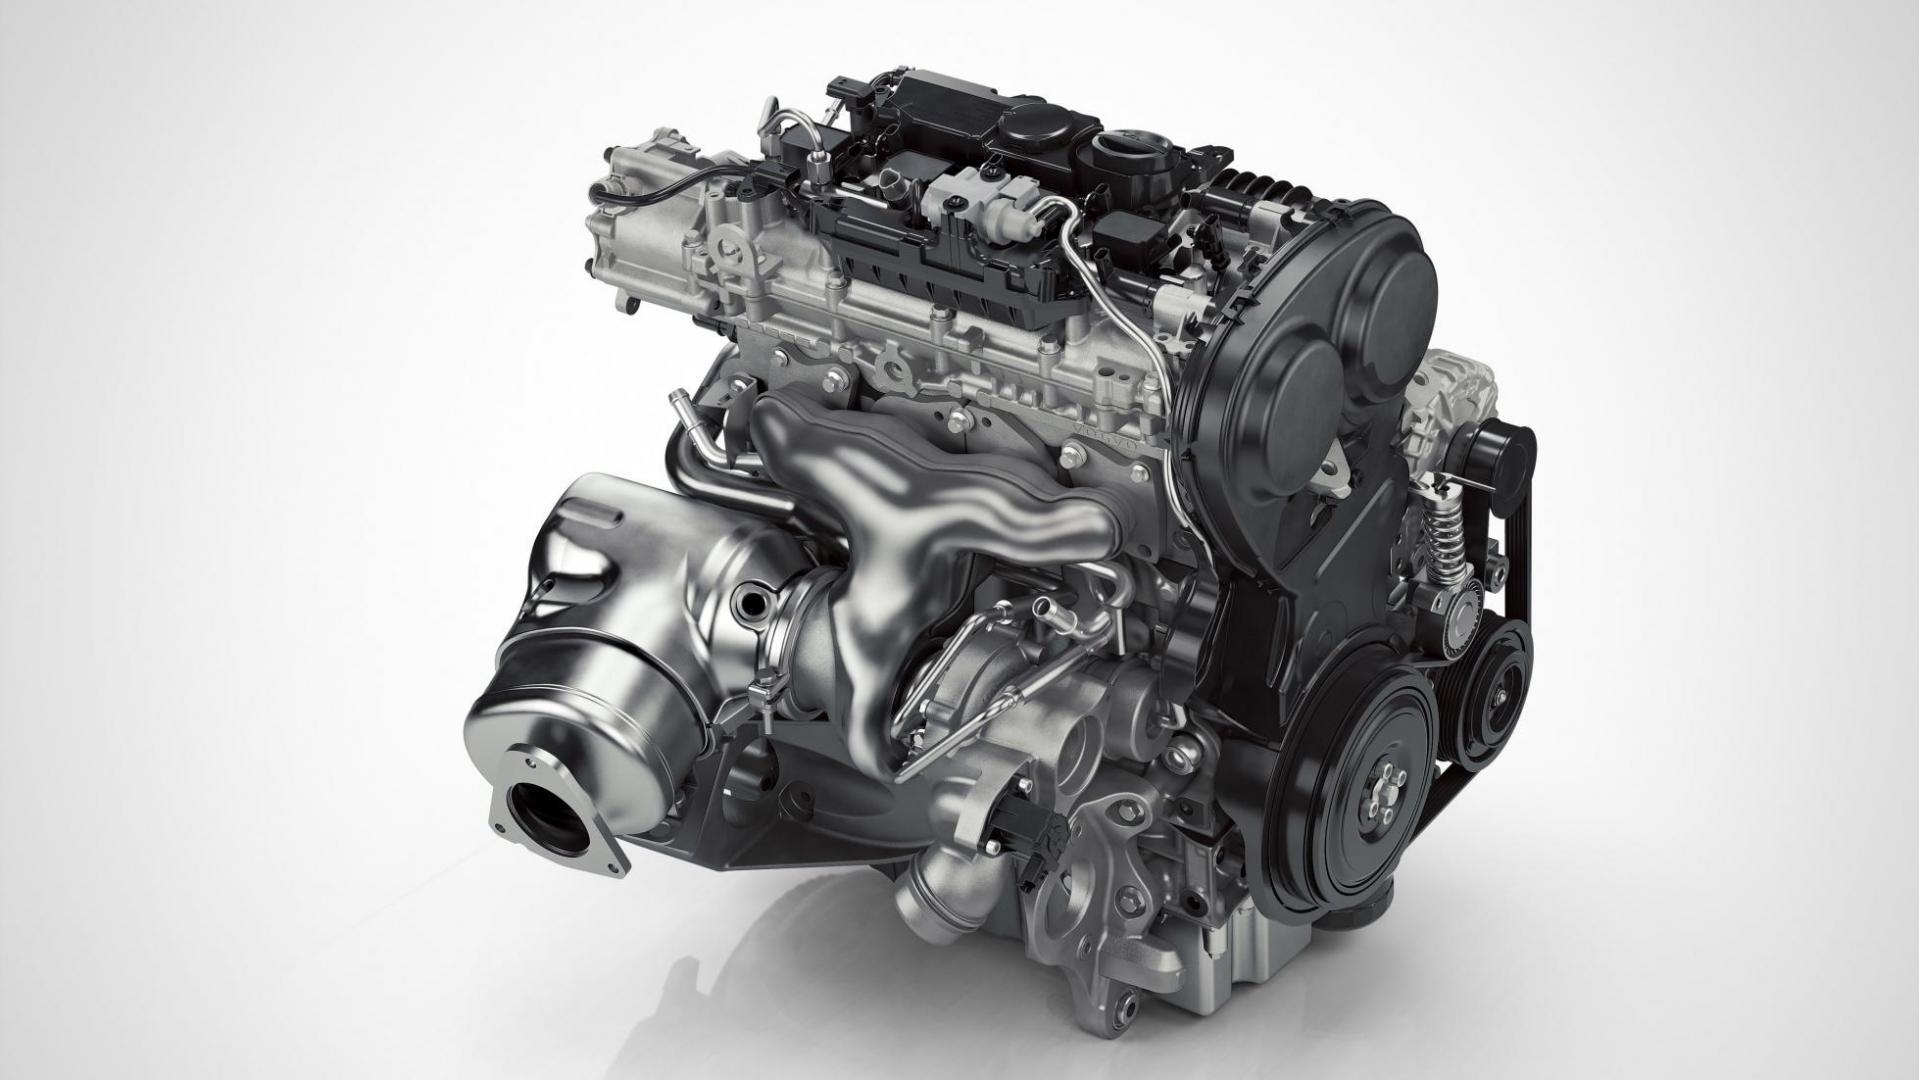 viercilinder benzine motor